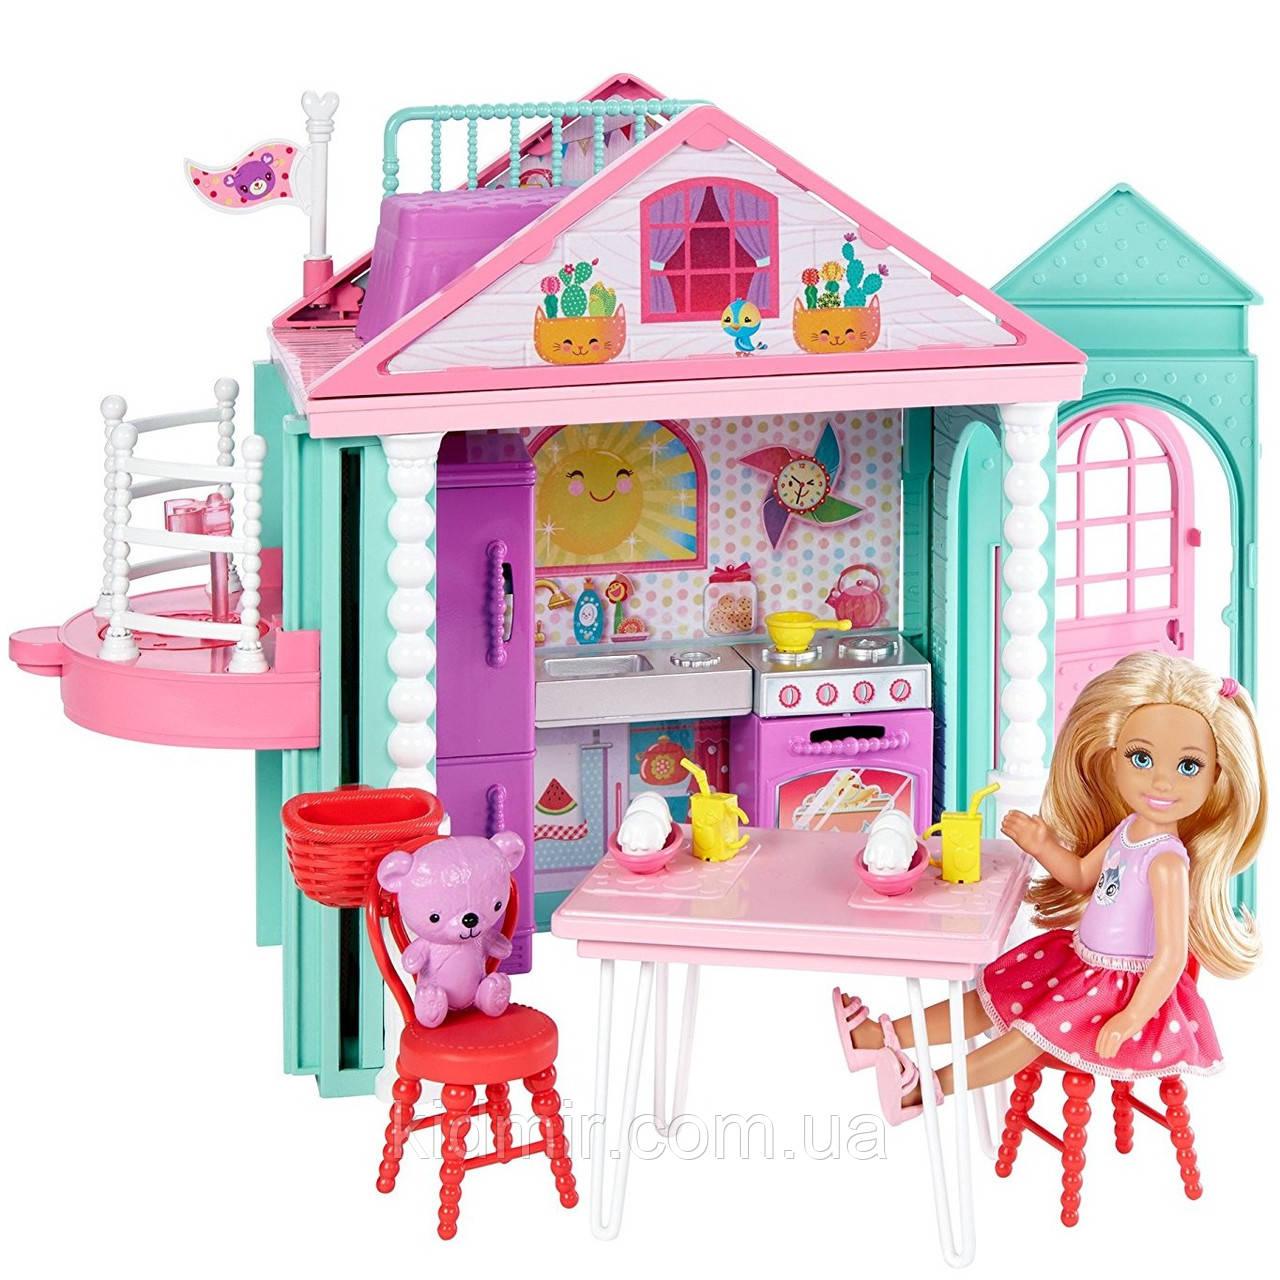 Барби клуб Челси Домик с лифтом Barbie Club Chelsea Clubhouse